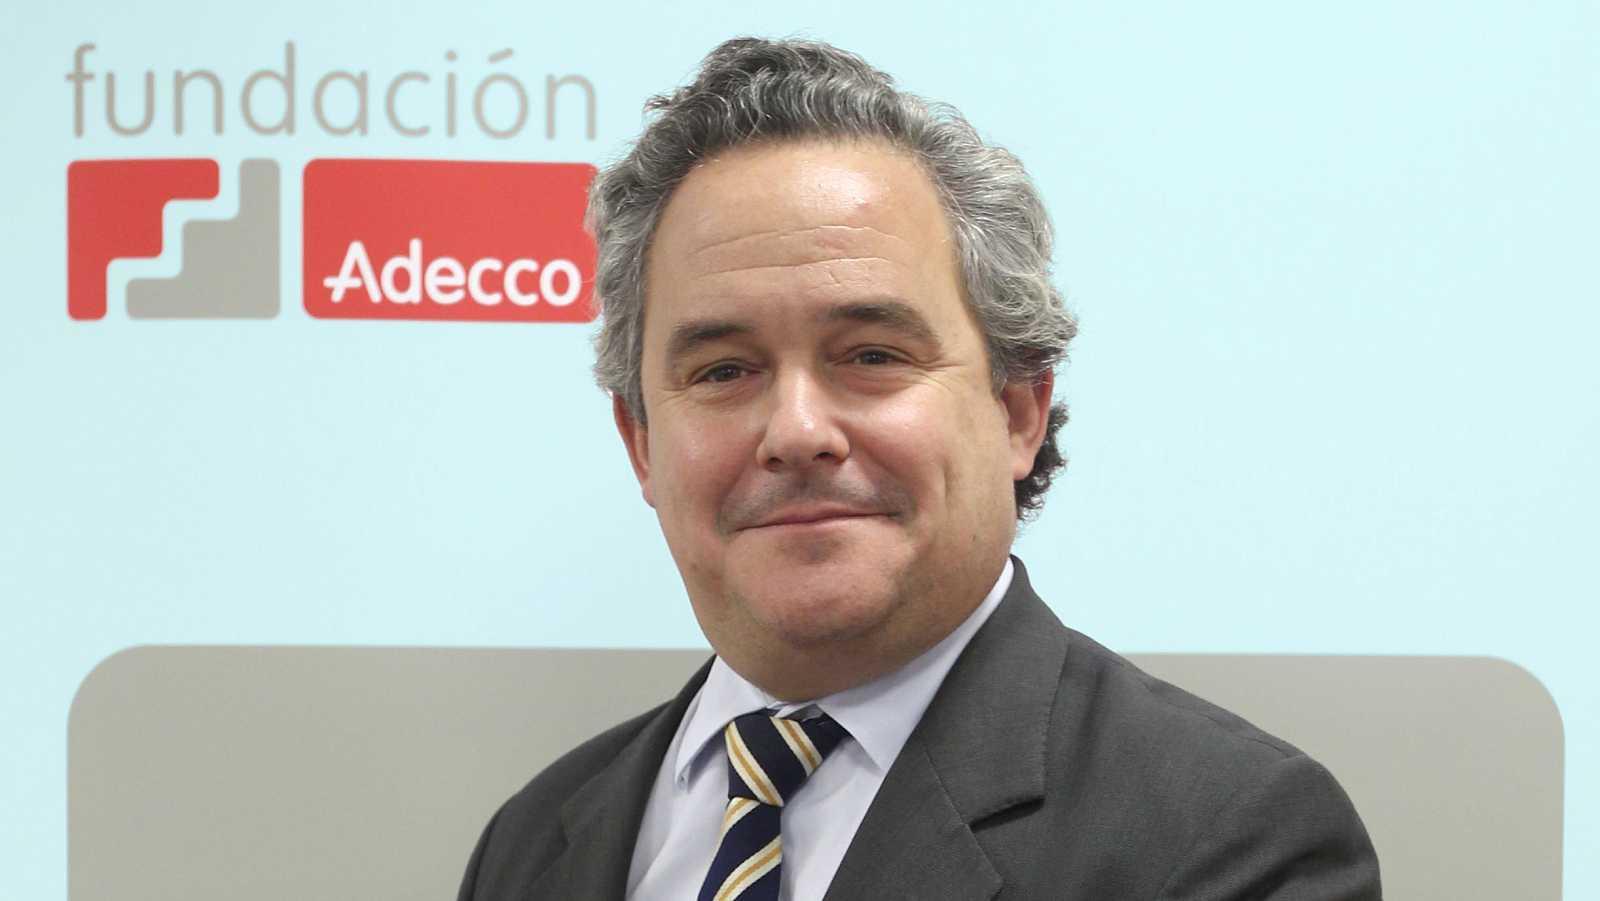 Si se quiere, se puede - Hablamos de empleo con el Director de la Fundación ADECCO - 07/01/16 - escuchar ahora